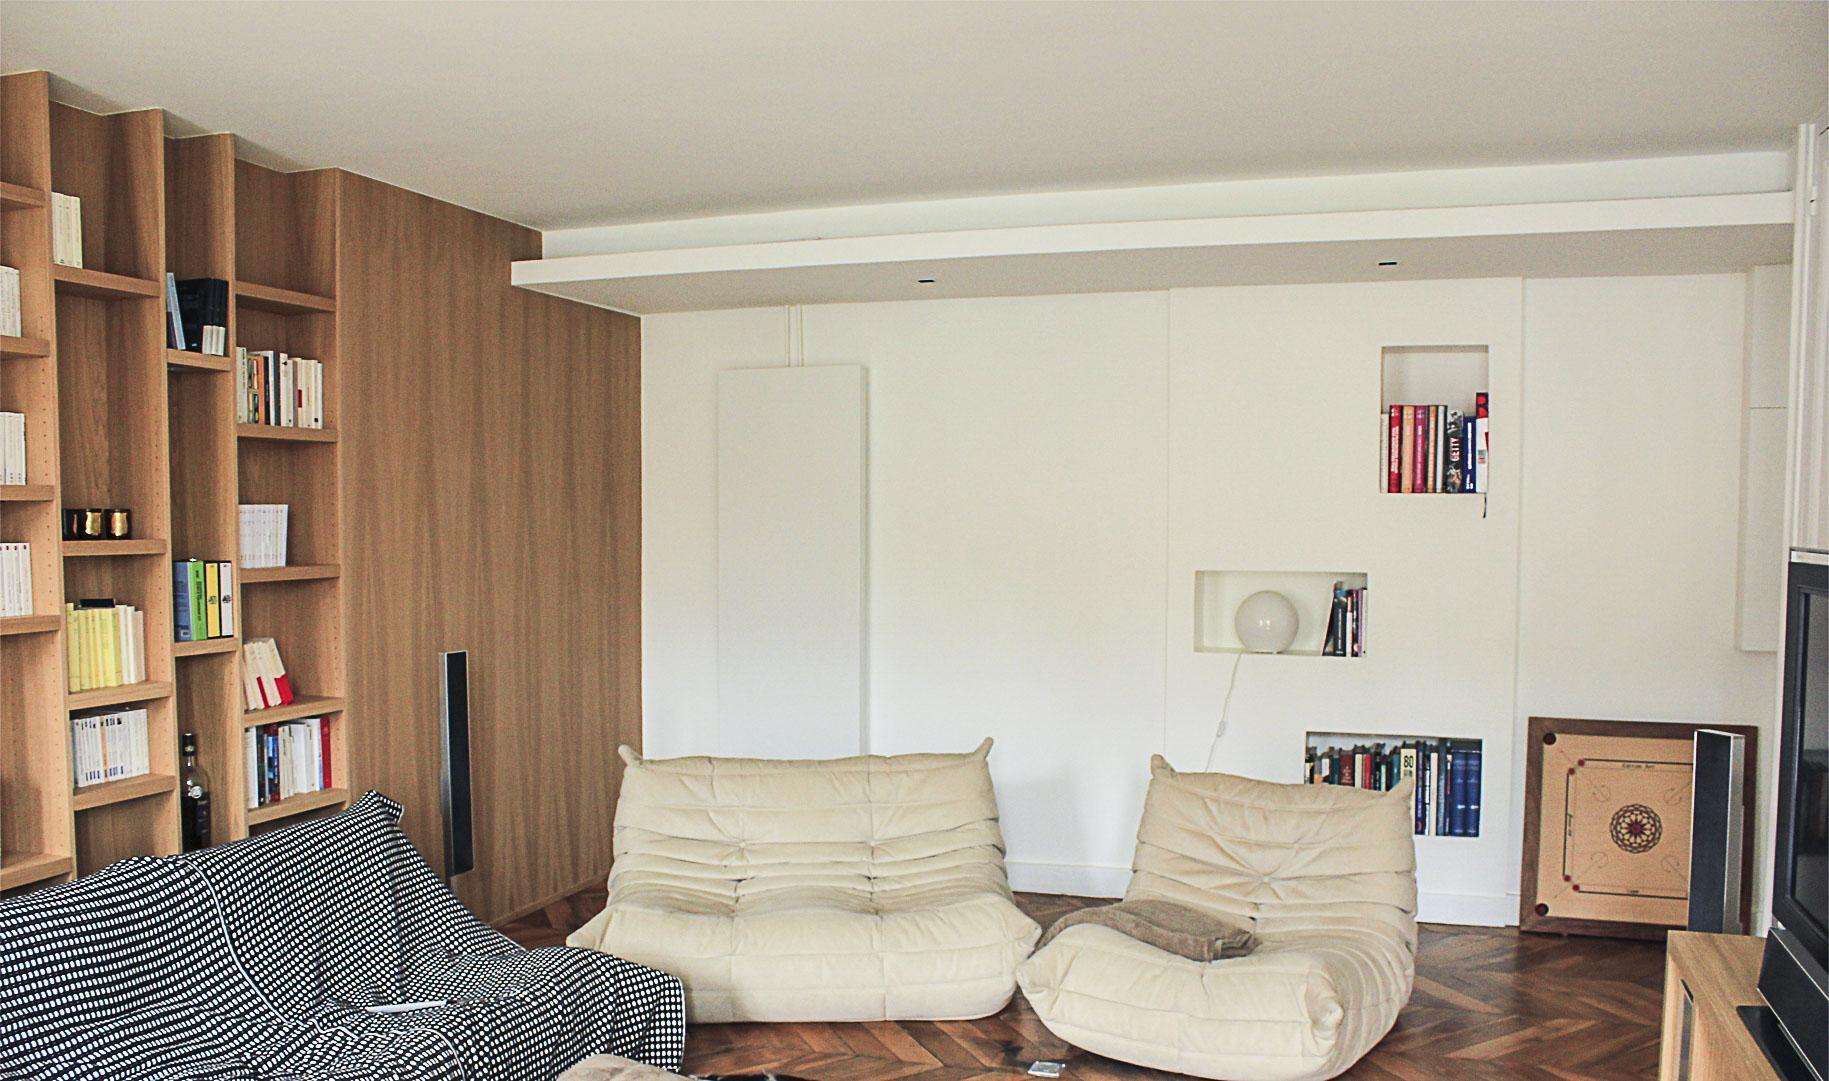 rénovation_lyon_aménagement_intérieur_architecte_appartement_décoration_intérieure-6